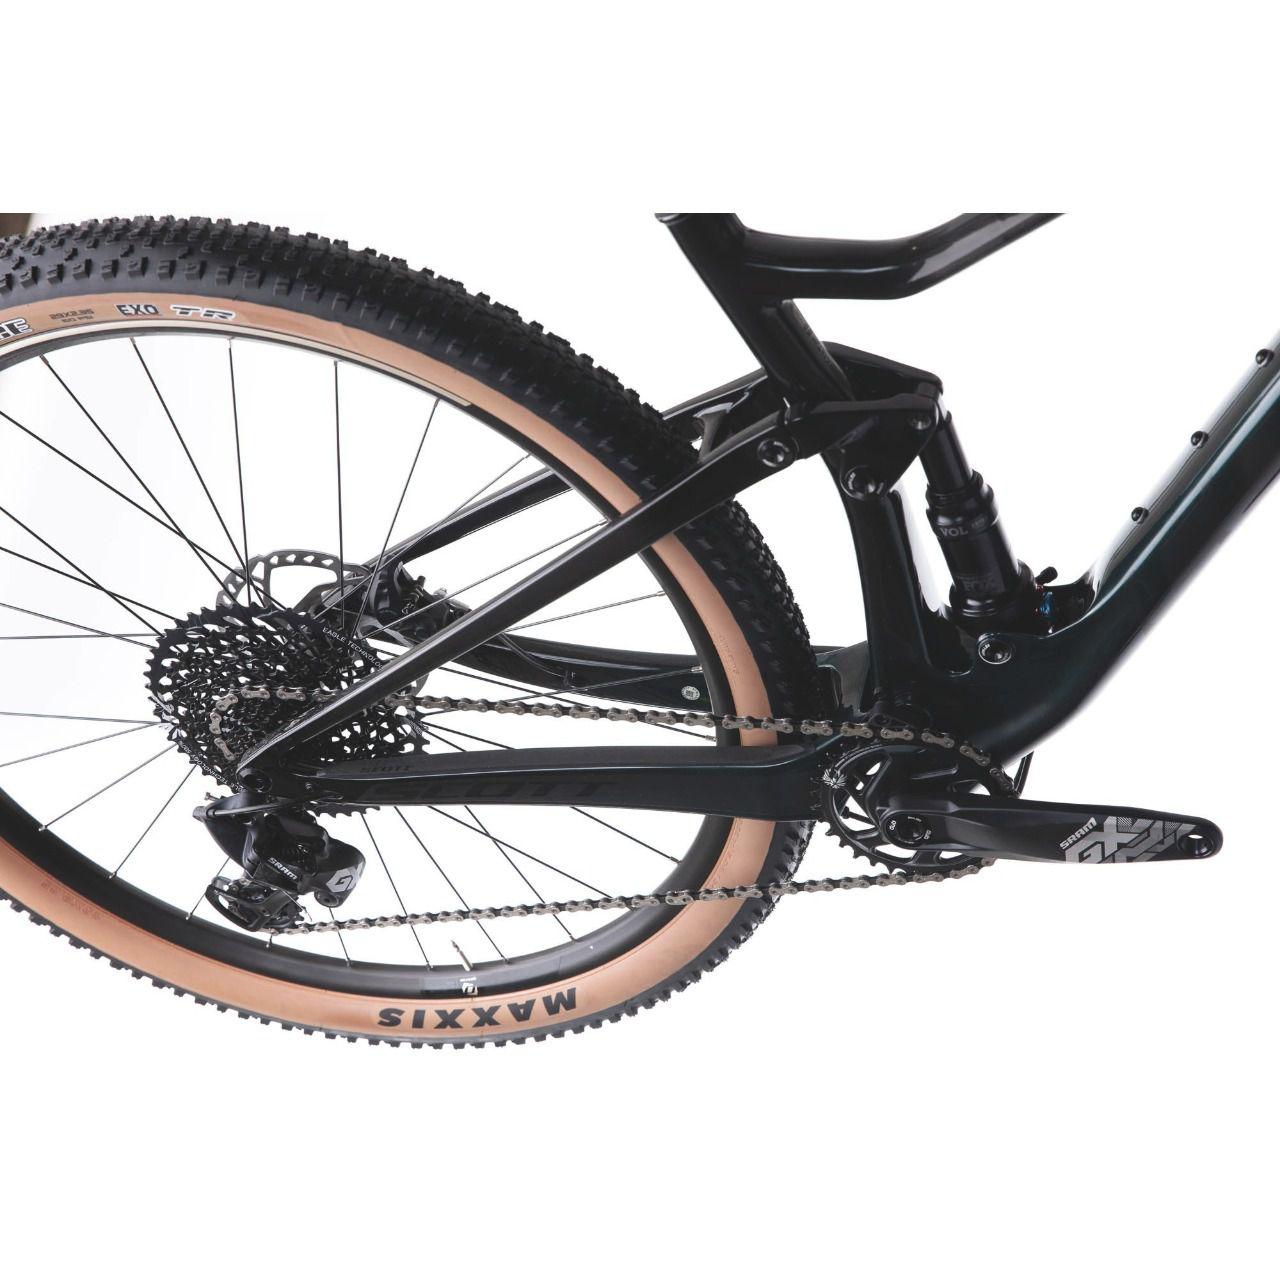 BICICLETA SPARK RC 900 TEAM